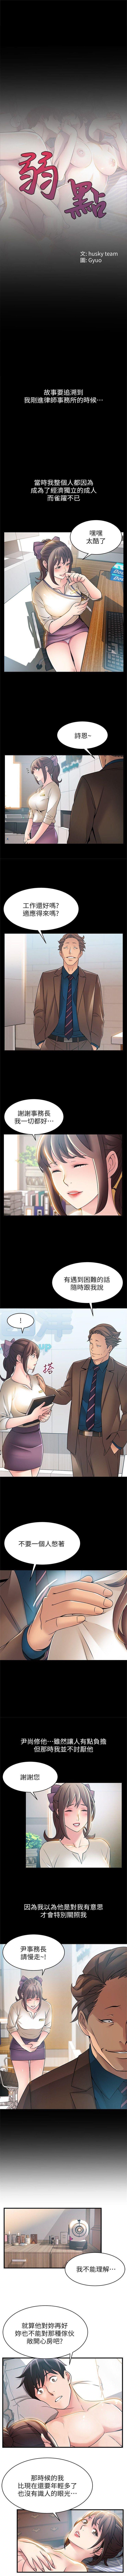 (周7)弱点 1-66 中文翻译(更新中) 134